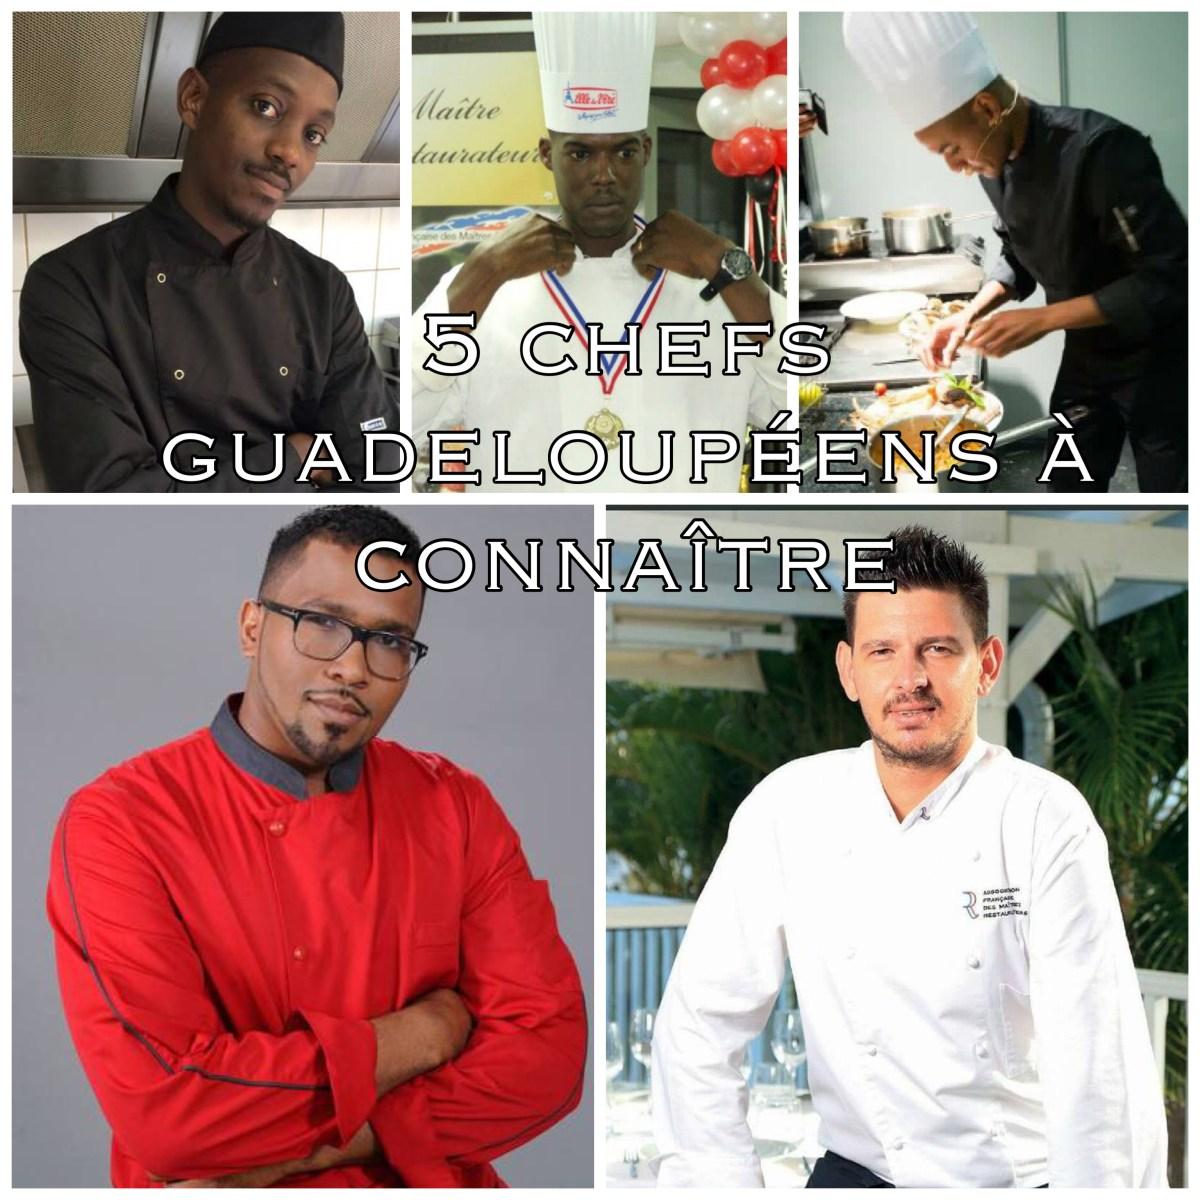 5 jeunes chefs guadeloupéens qui révolutionnent la cuisine en Guadeloupe